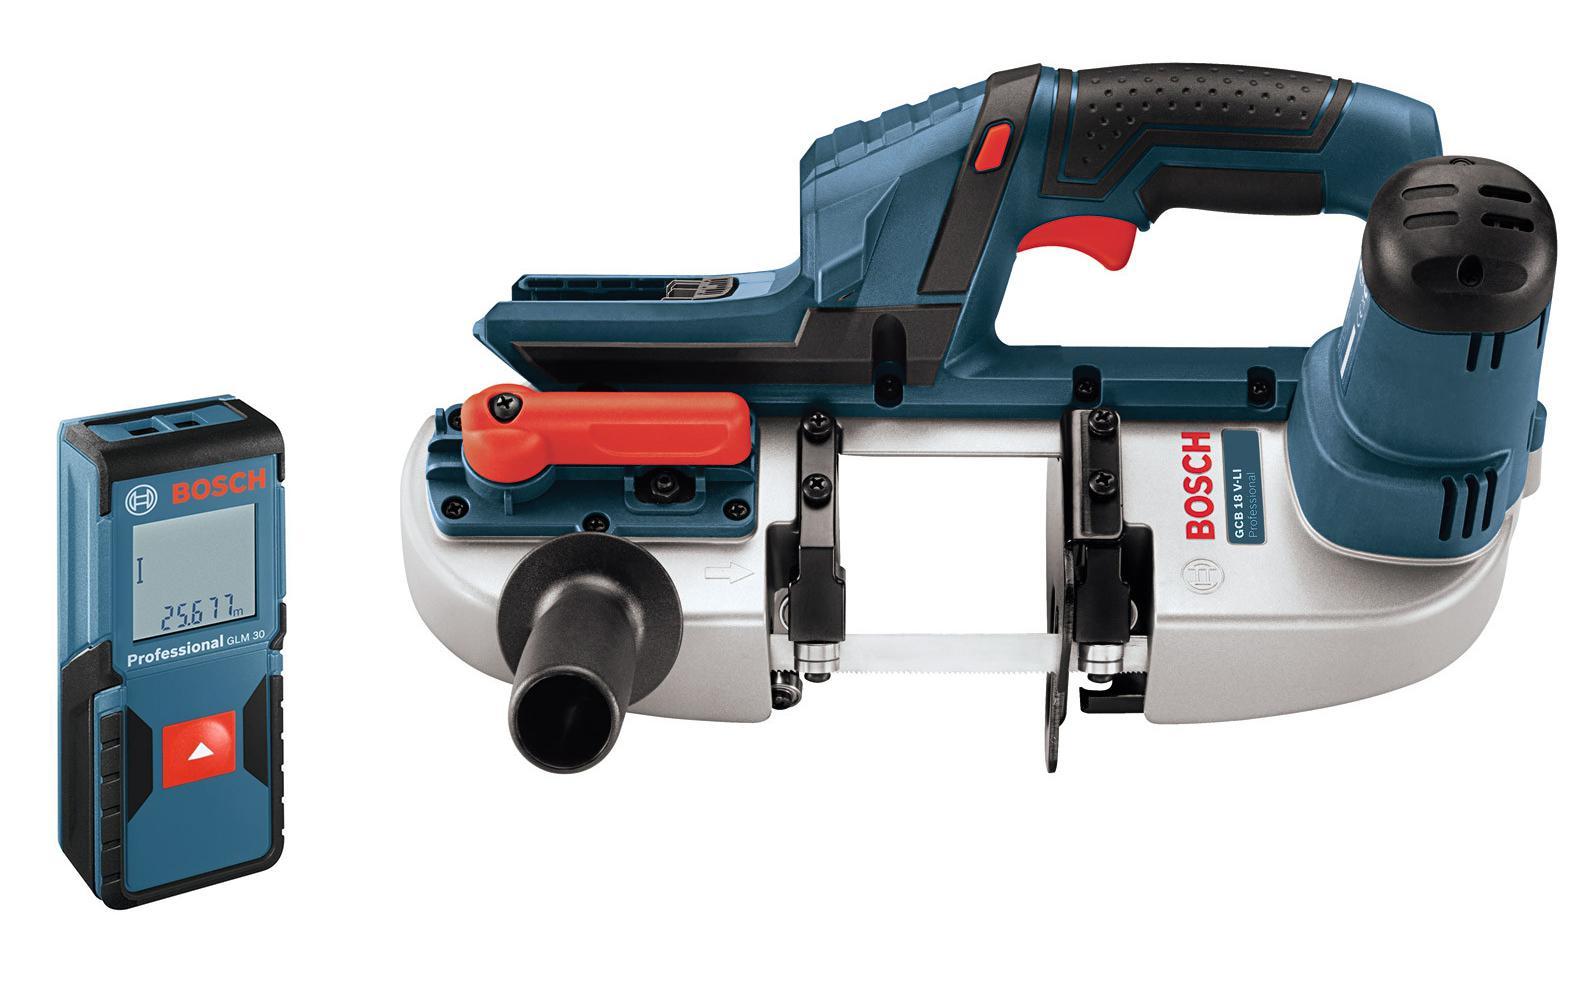 Набор Bosch Пила ленточная gcb 18 v-li (0.601.2a0.300) +Дальномер glm 30 (0.601.072.500)